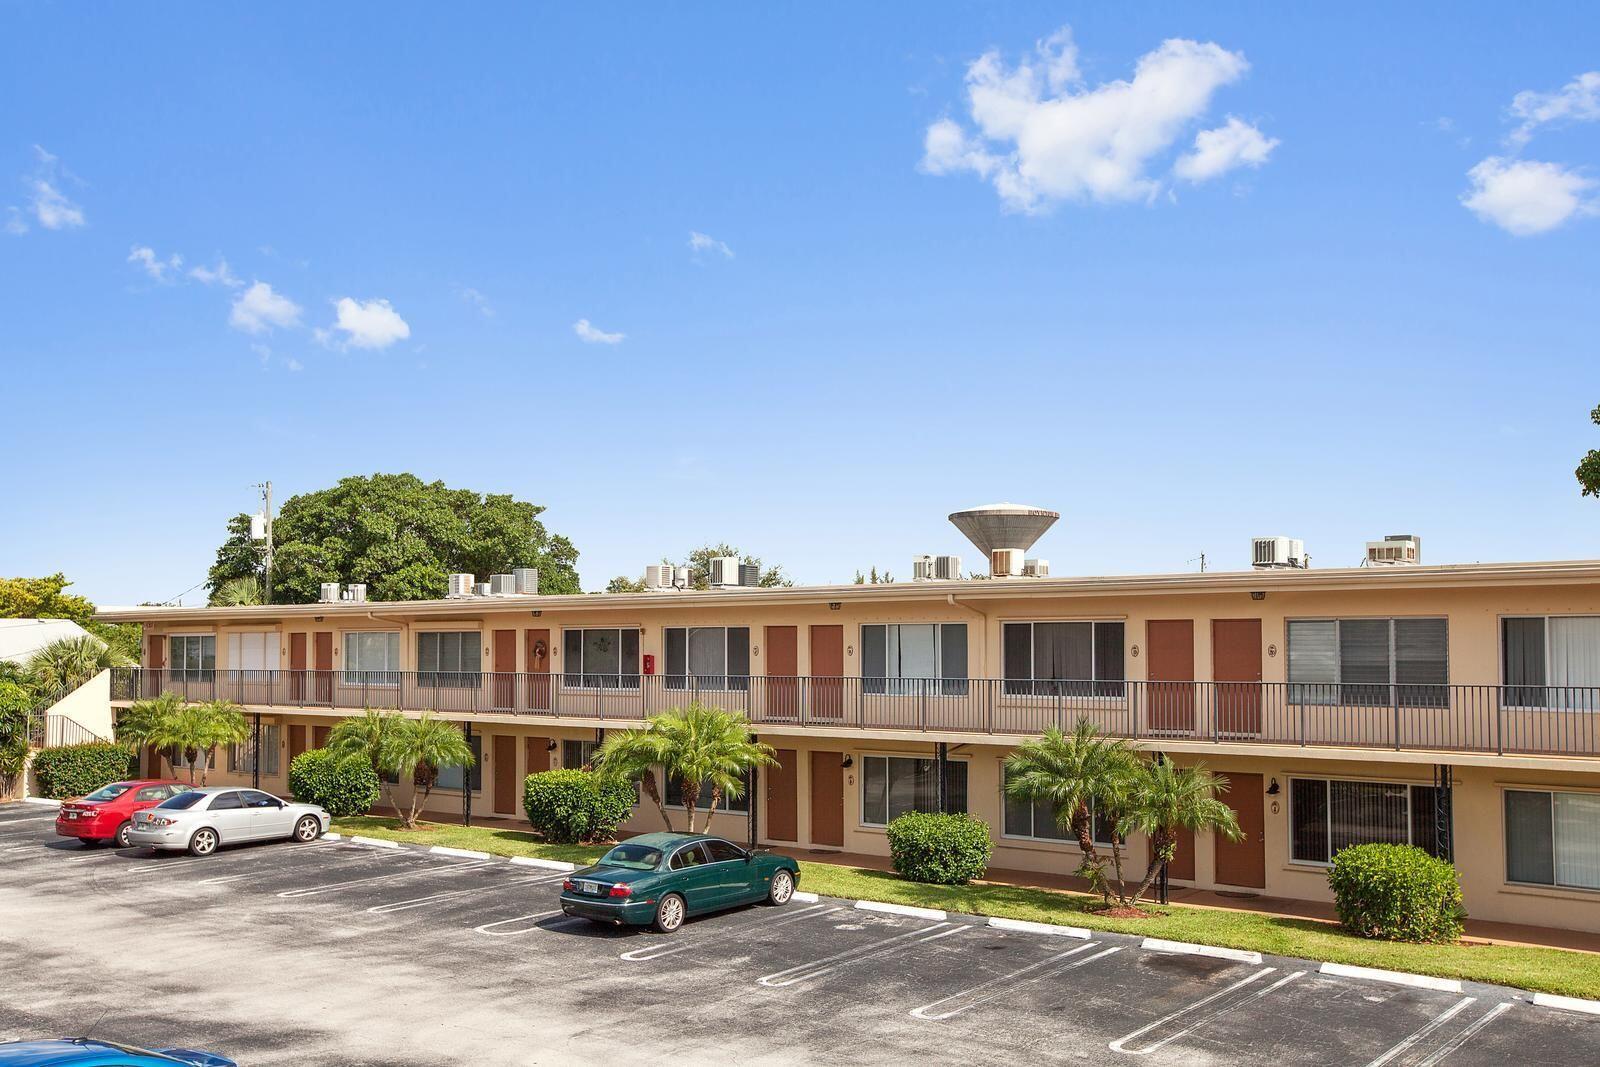 2309 S Federal Highway 8 Boynton Beach, FL 33435